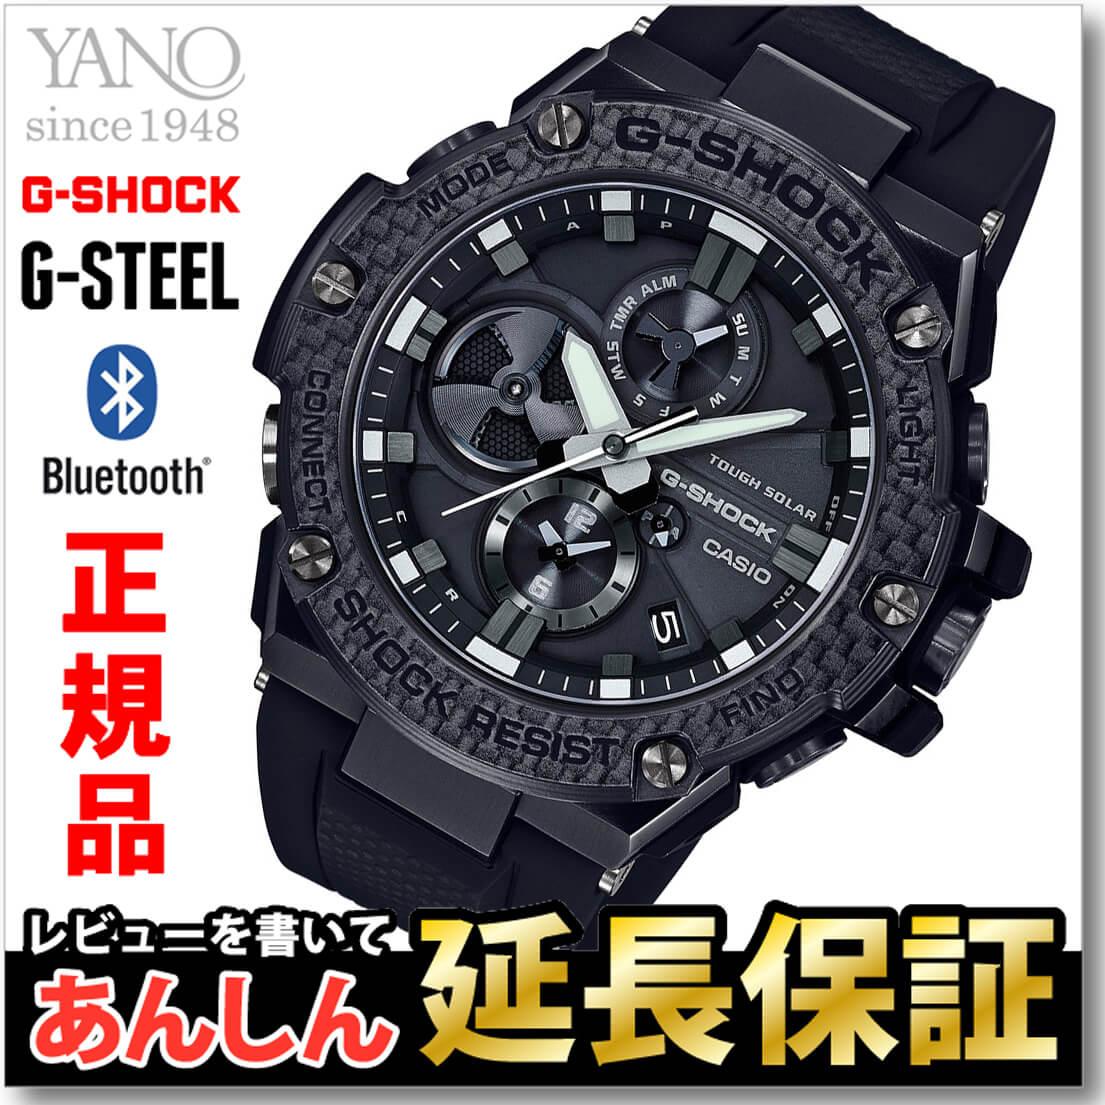 【エントリー&楽天カードでポイント5倍!30日23:59まで】カシオ Gショック GST-B100X-1AJF G-STEEL カーボンベゼル スマホリンク Bluetooth(R)搭載タフネスクロノグラフ ソーラー メンズ 腕時計 アナログ CASIO G-SHOCK 【正規品】【0917】※9月15日発売